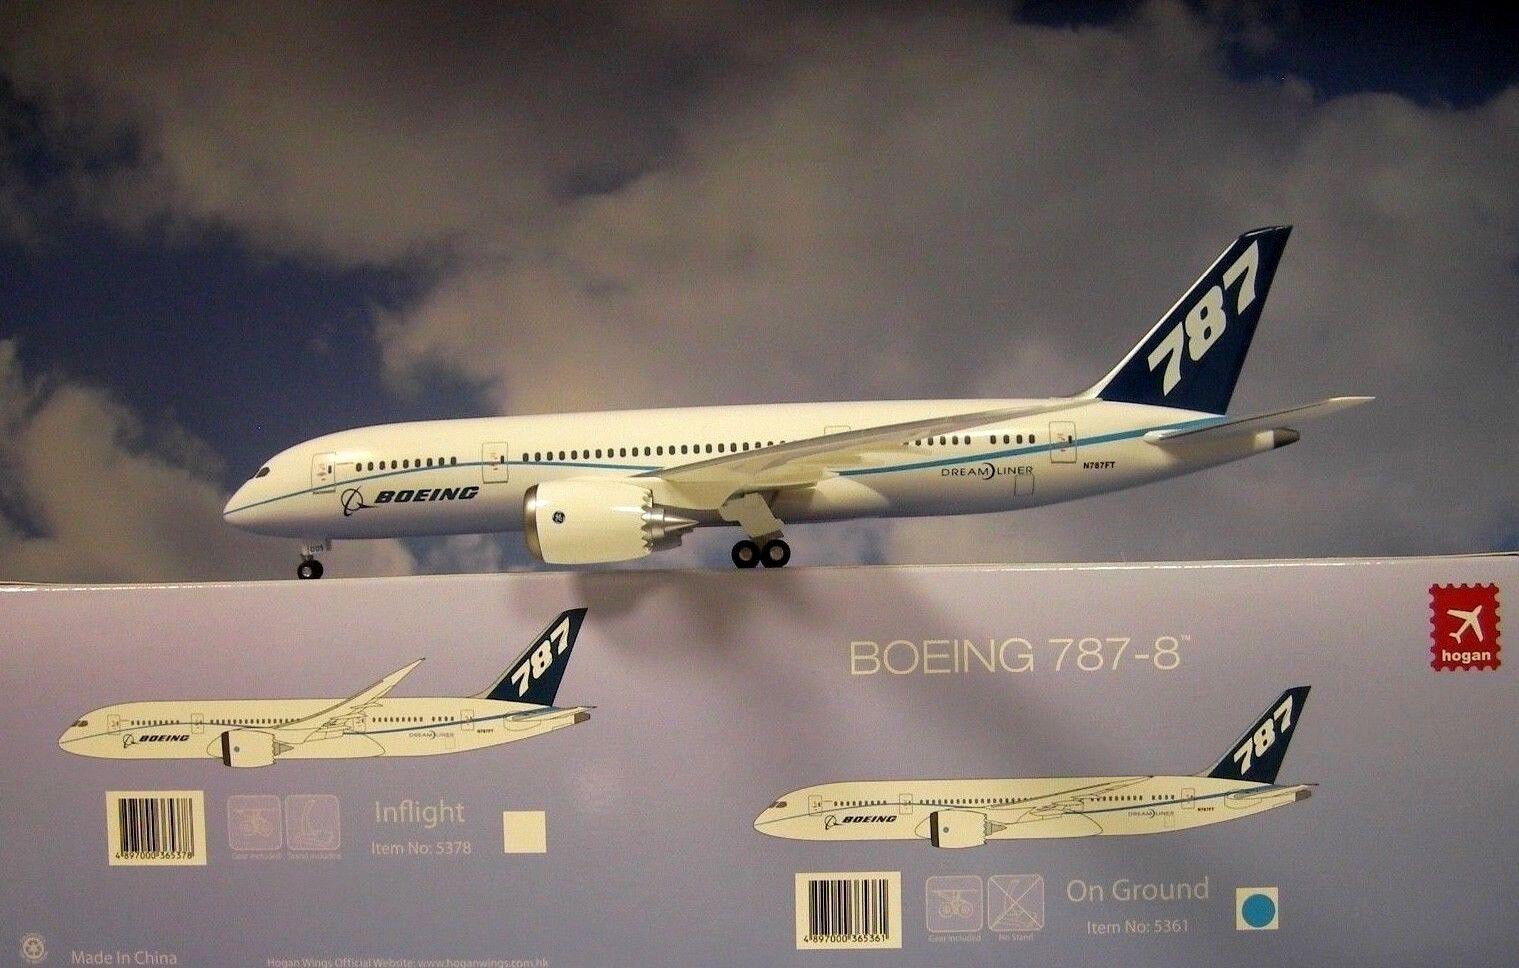 Hogan Wings 1 200 Boeing 787-8 Boeing color N787ft Li5361 + Herpa Wings Catálogo